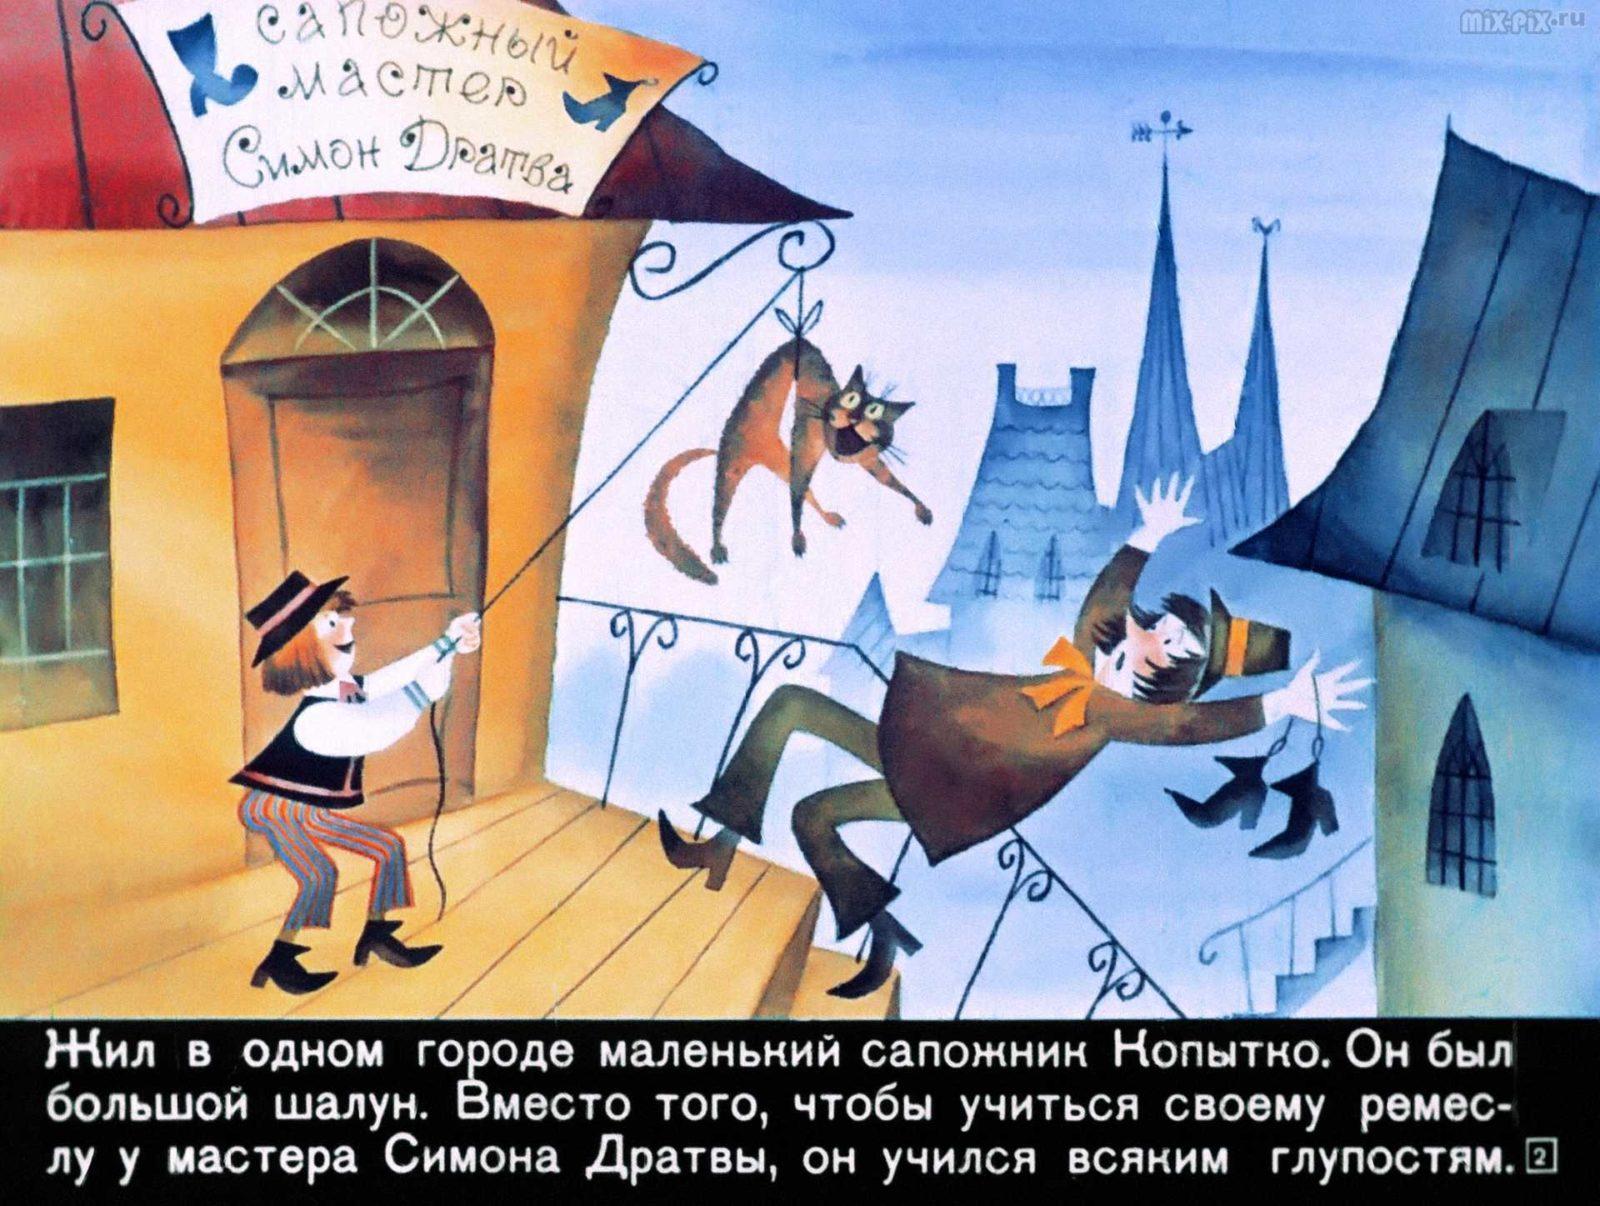 Сапожник Копытко и утка Кря (1972) 25